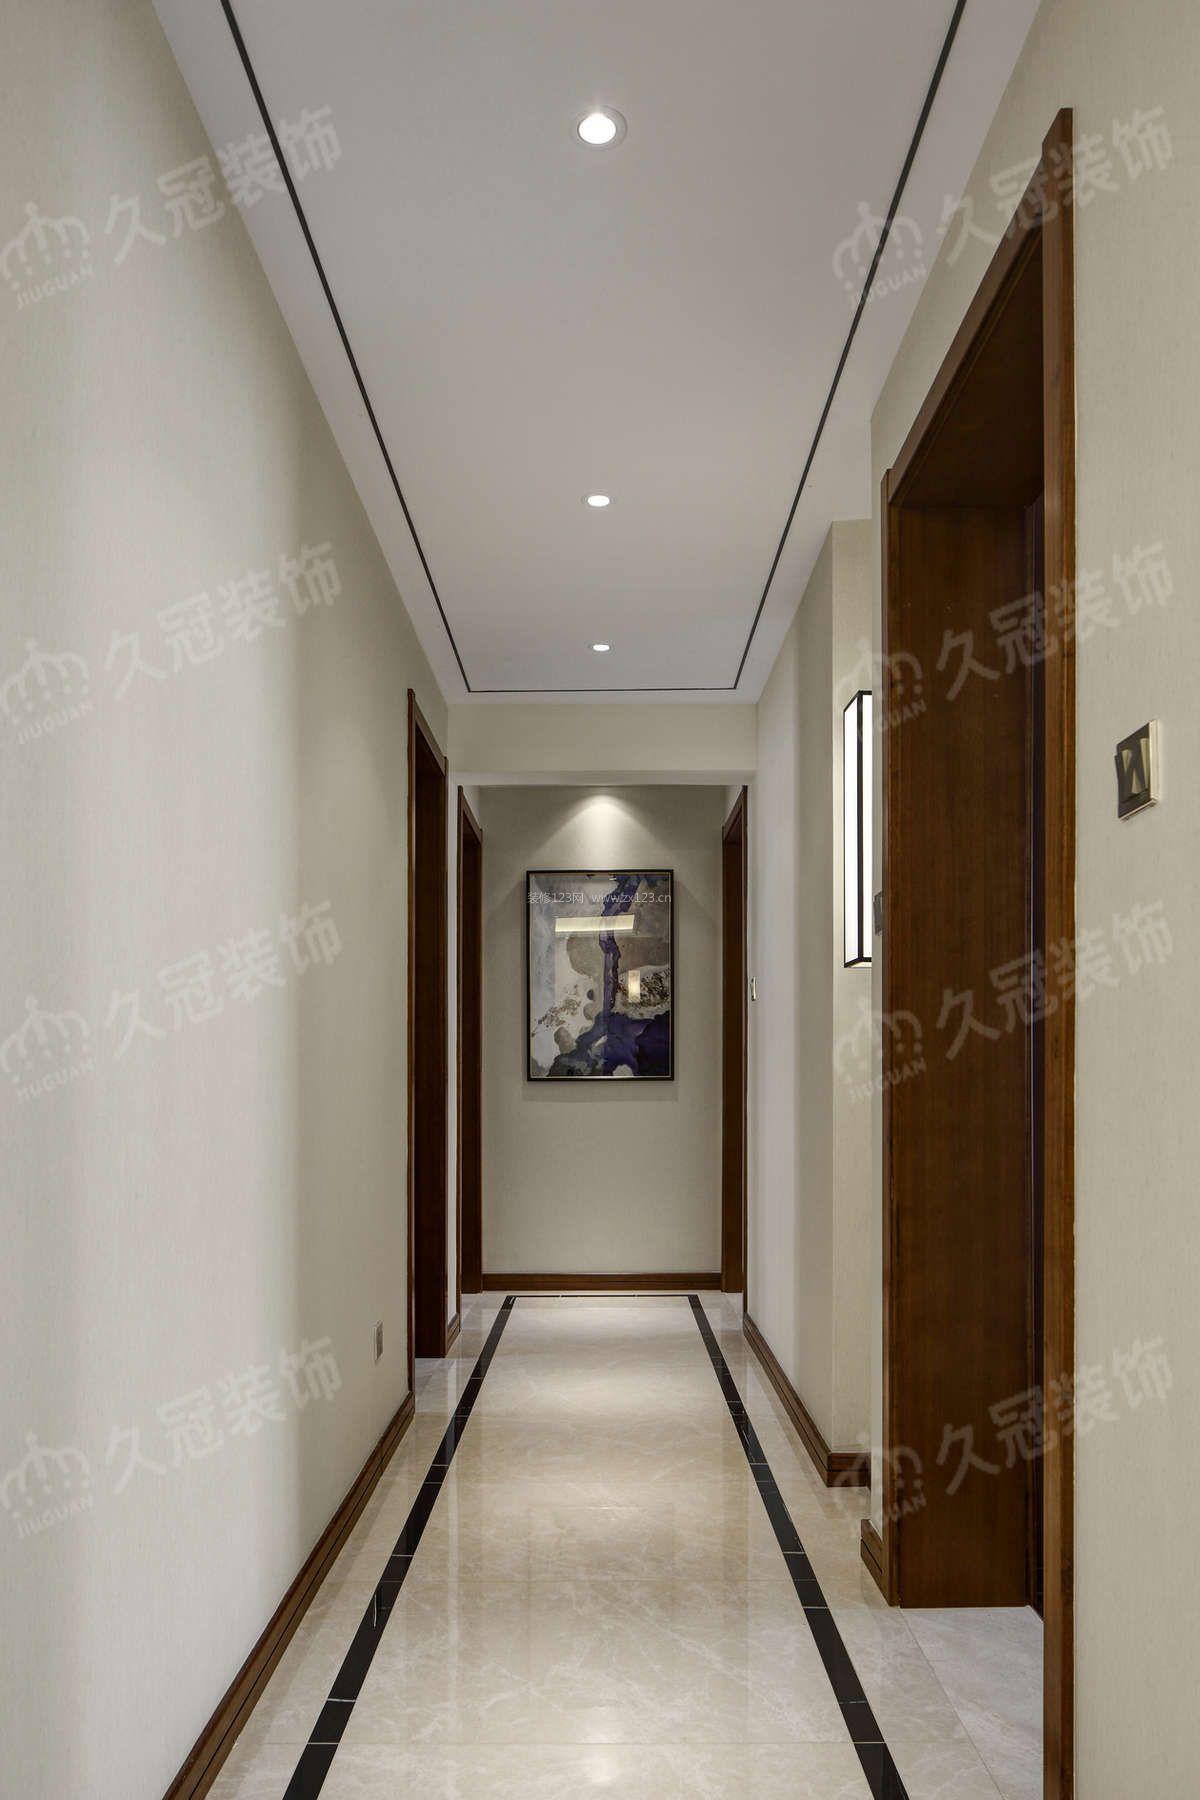 家装效果图 中式 2018简约新中式过道走廊装修效果图 提供者:   ←图片